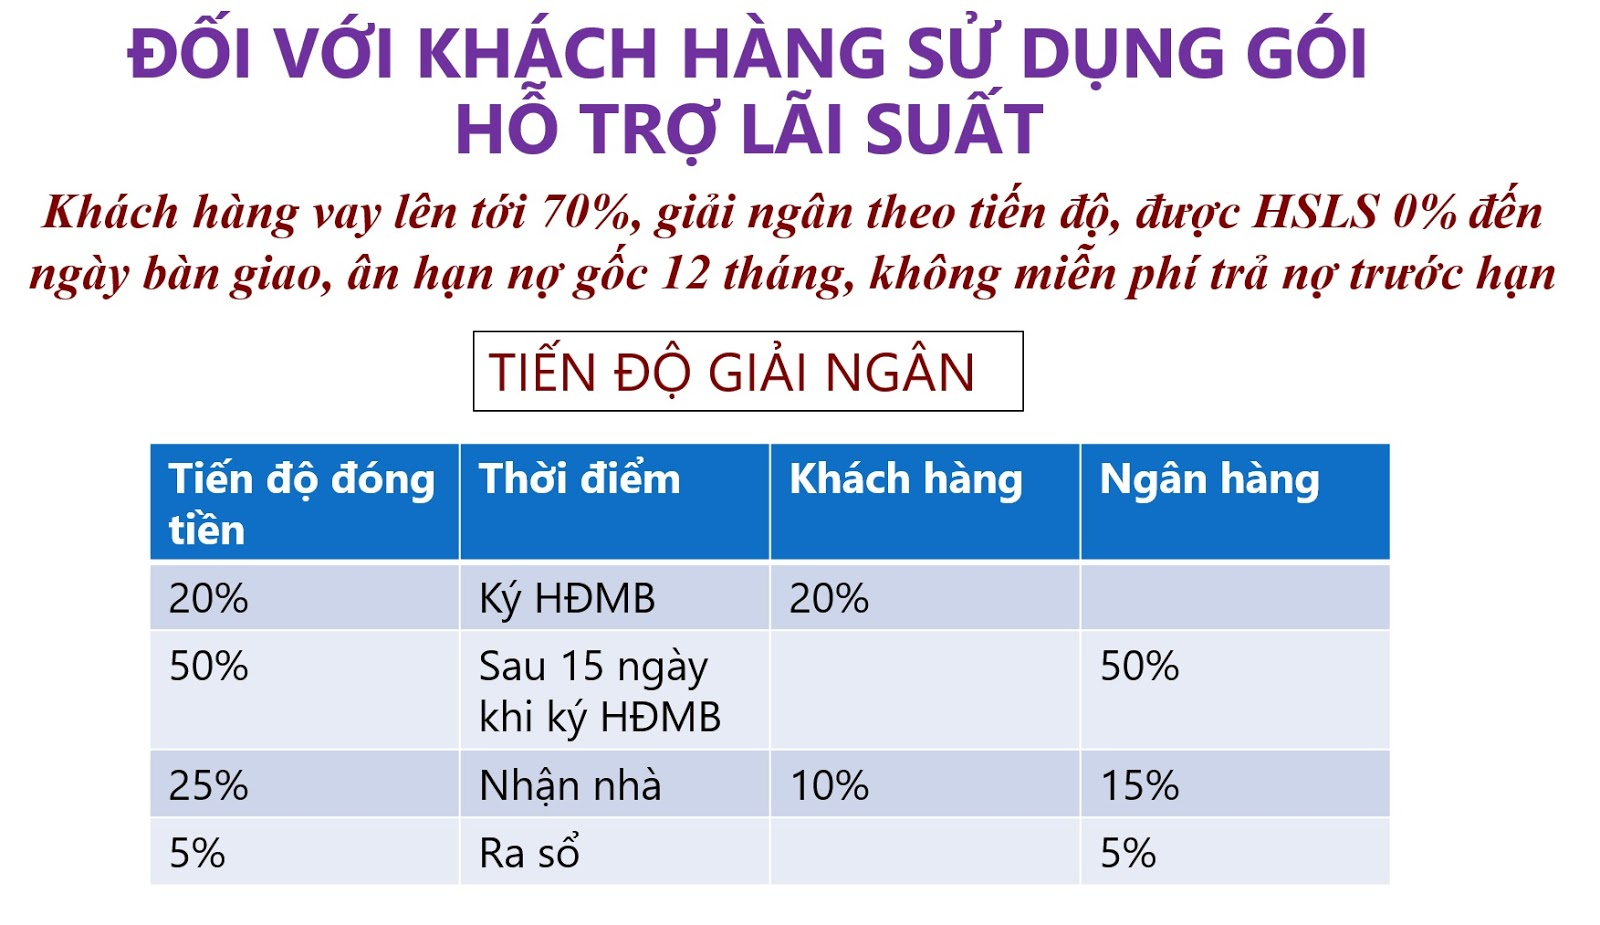 Tiến độ thanh toán danh cho khách hàng vay 0% ngân hàng BIDV & ngân hàng Liên Việt